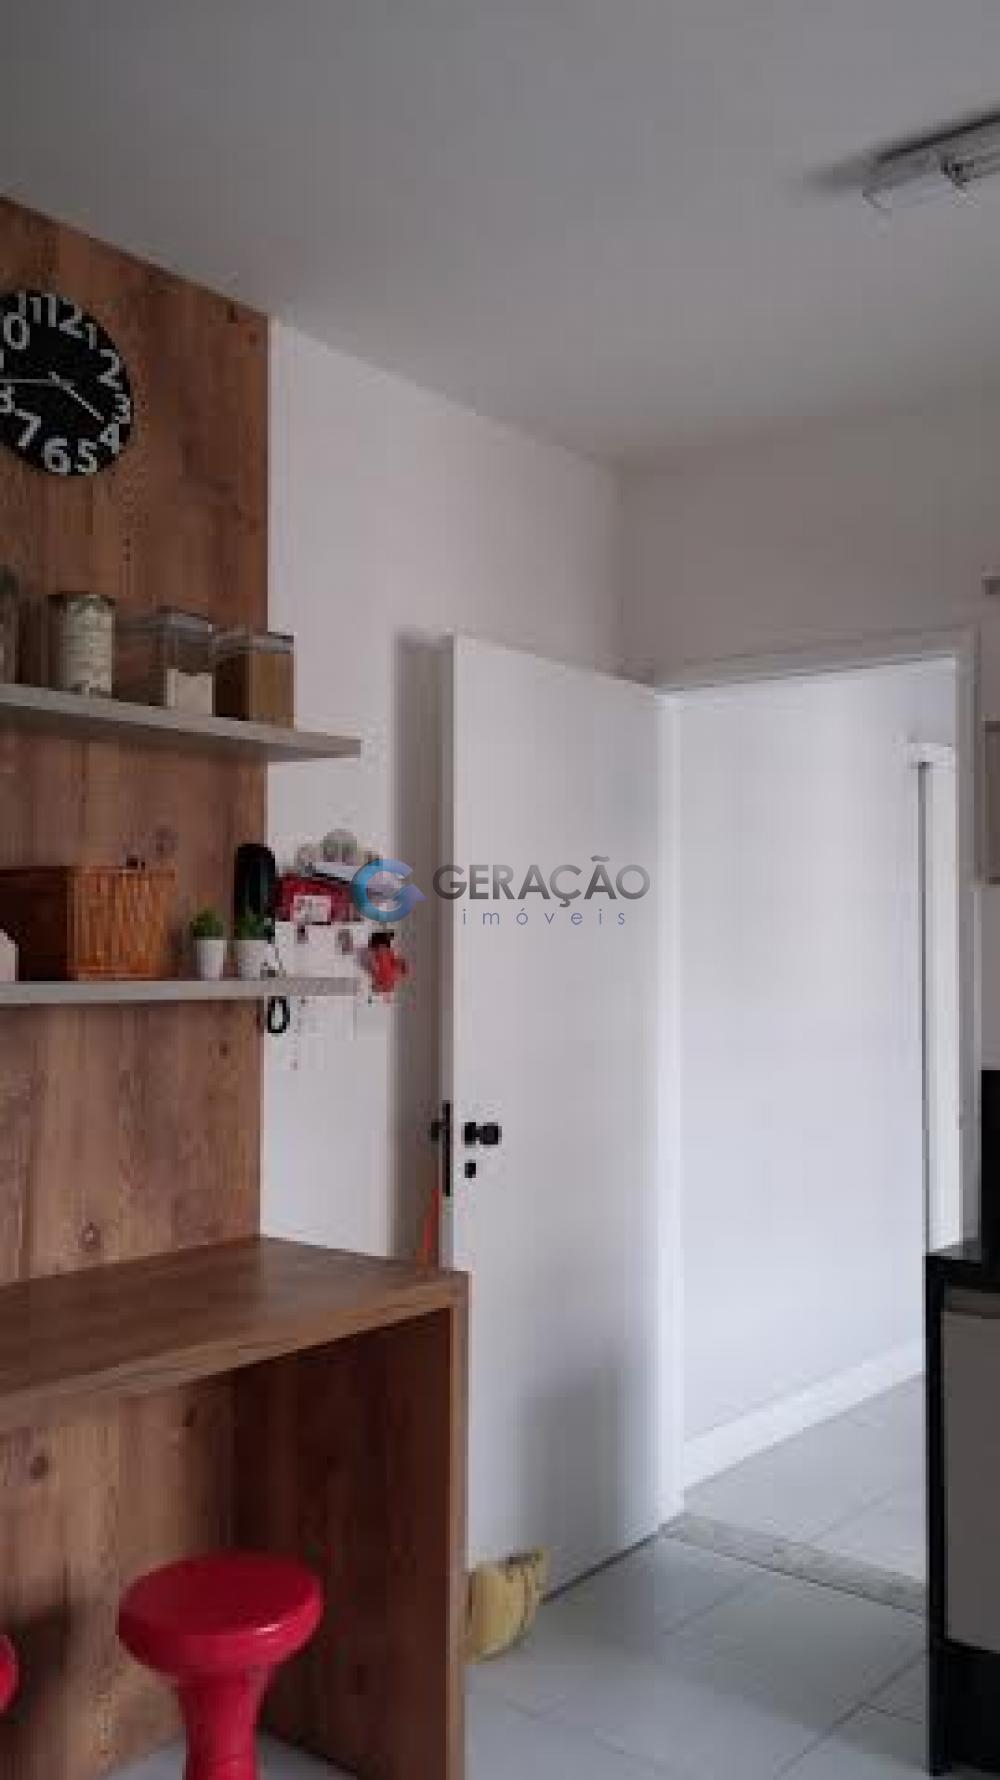 Comprar Apartamento / Padrão em São José dos Campos apenas R$ 730.000,00 - Foto 8